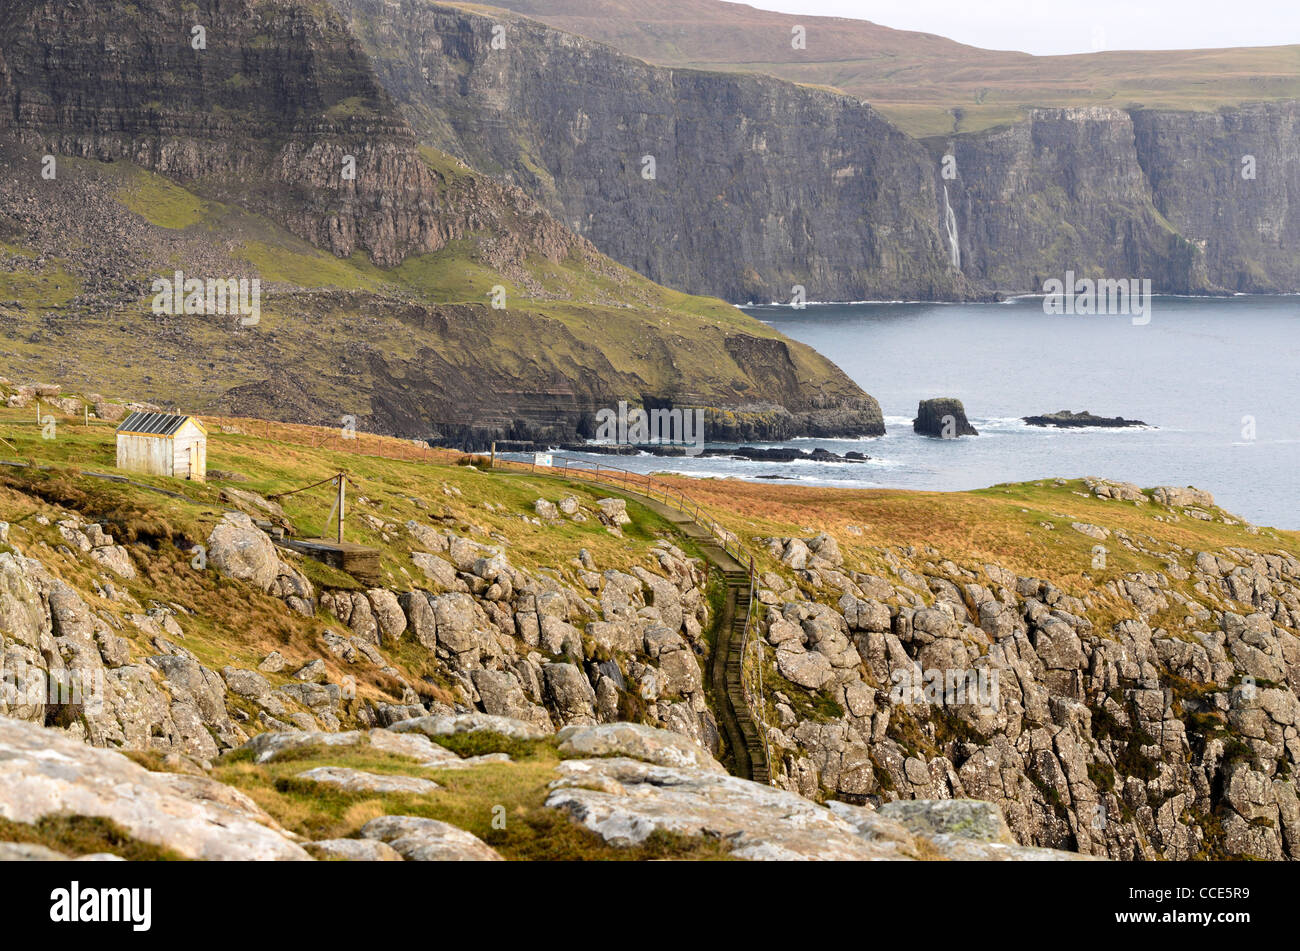 Vistas de la bahía desde Moonen Neist Point en la Isla de Skye Escocia Foto de stock